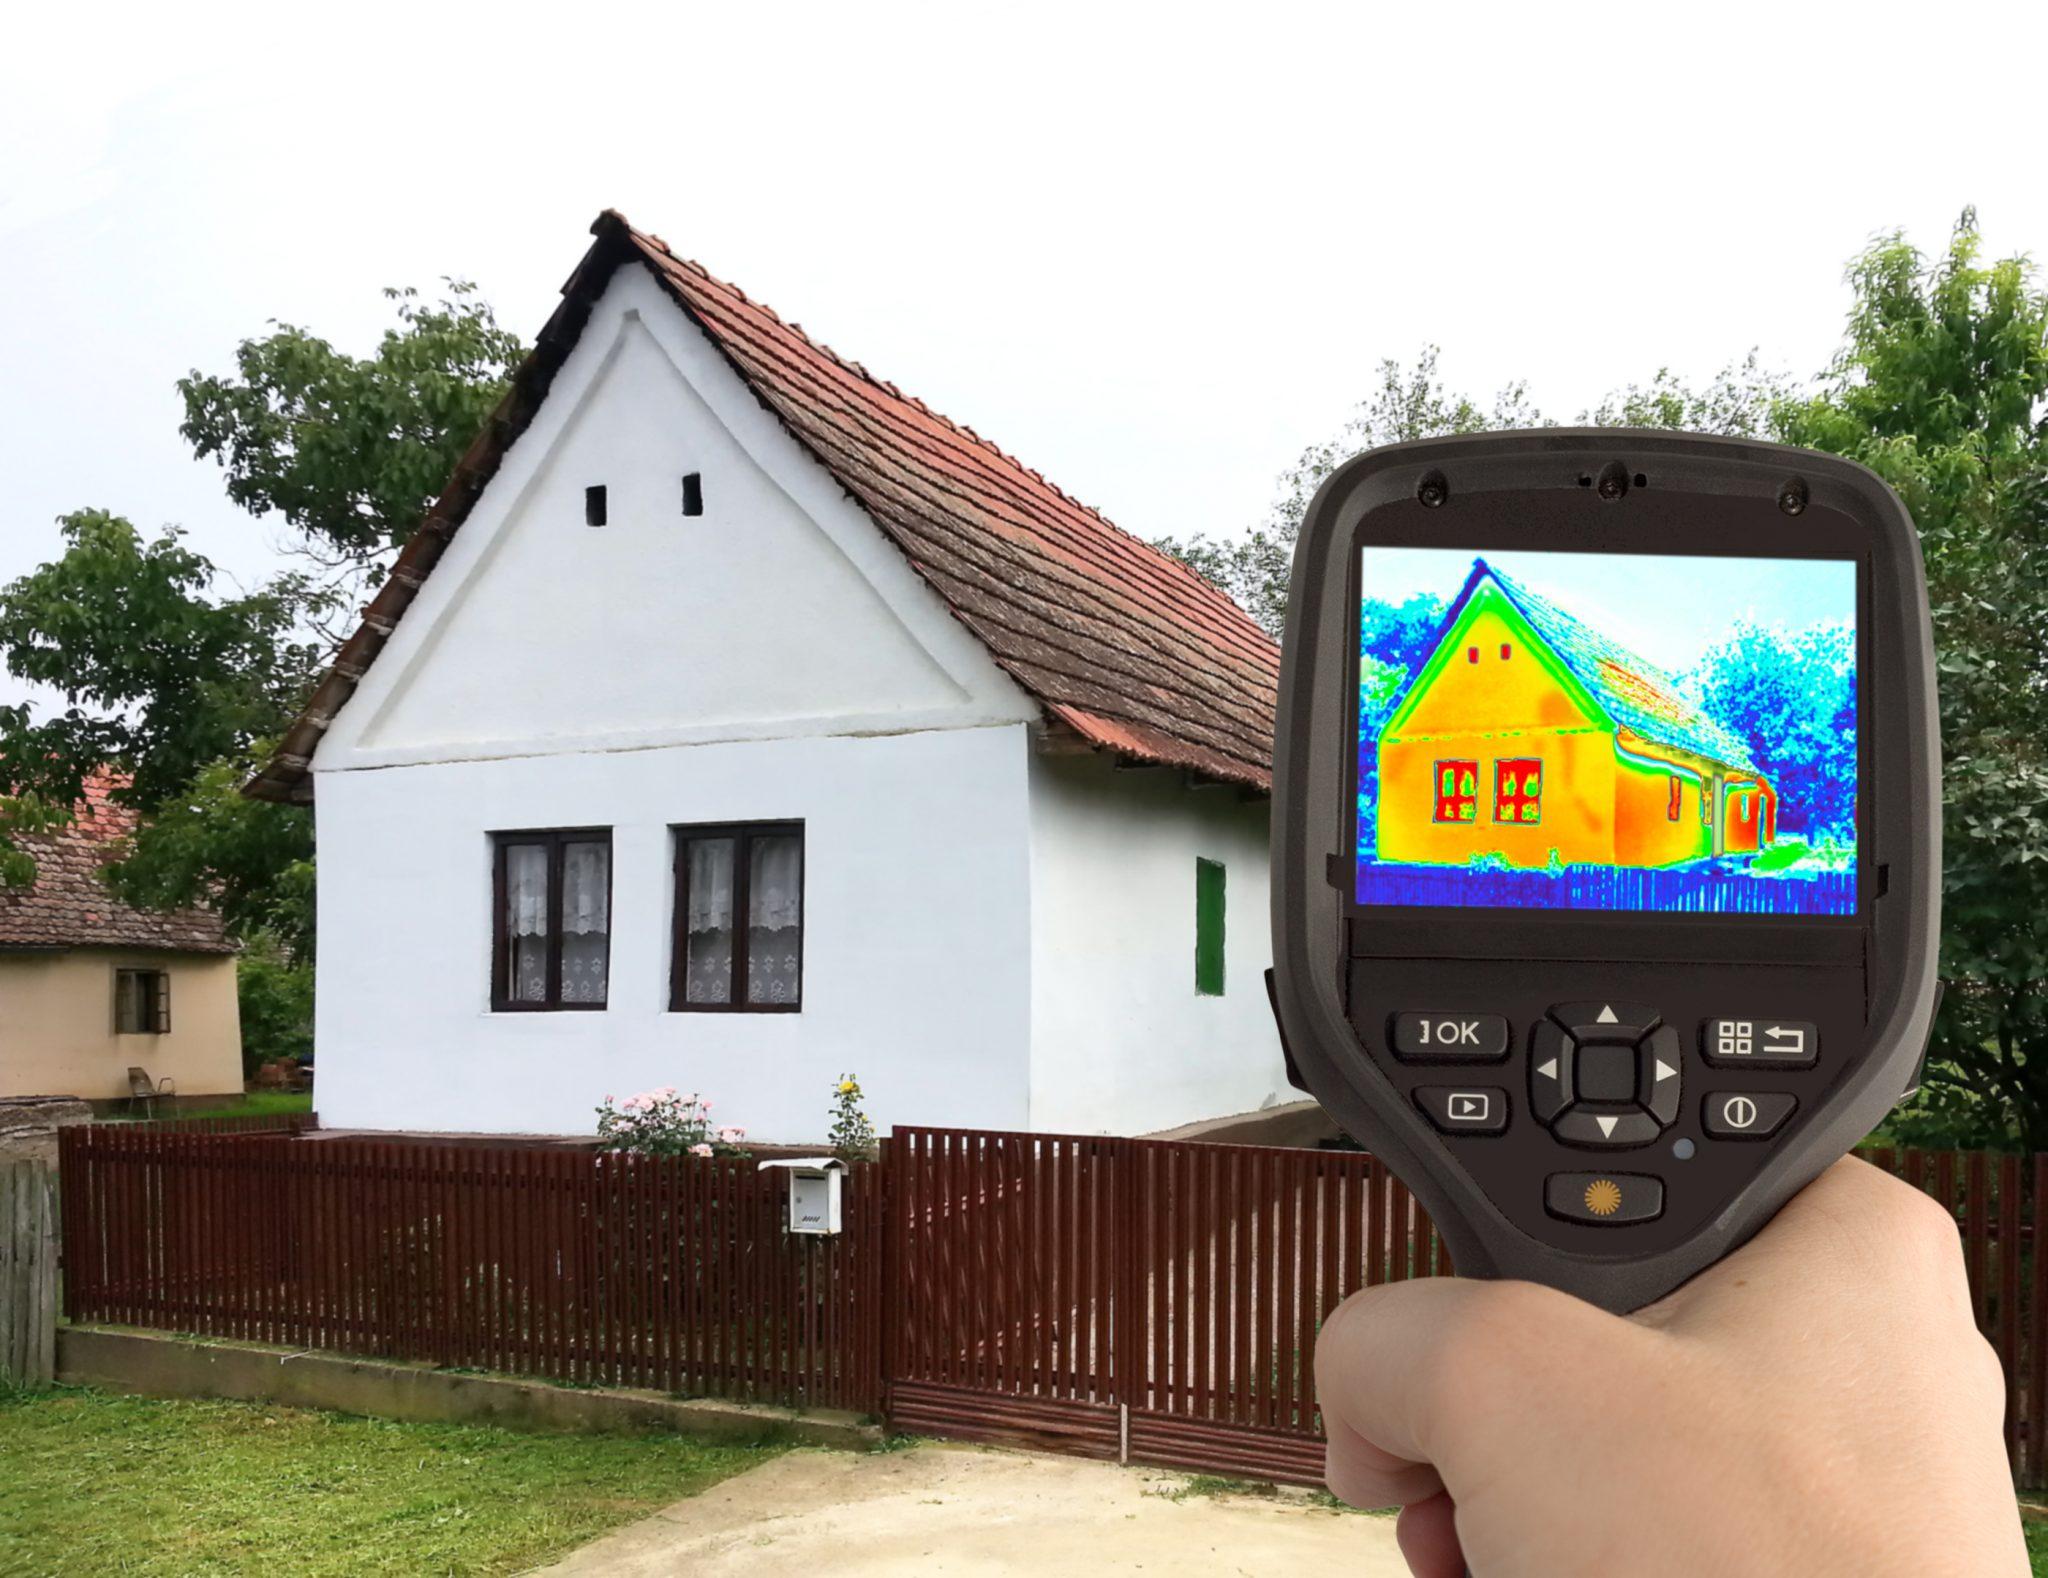 Caméra thermique donnant l'image thermique infrarouge d'une vieille maison